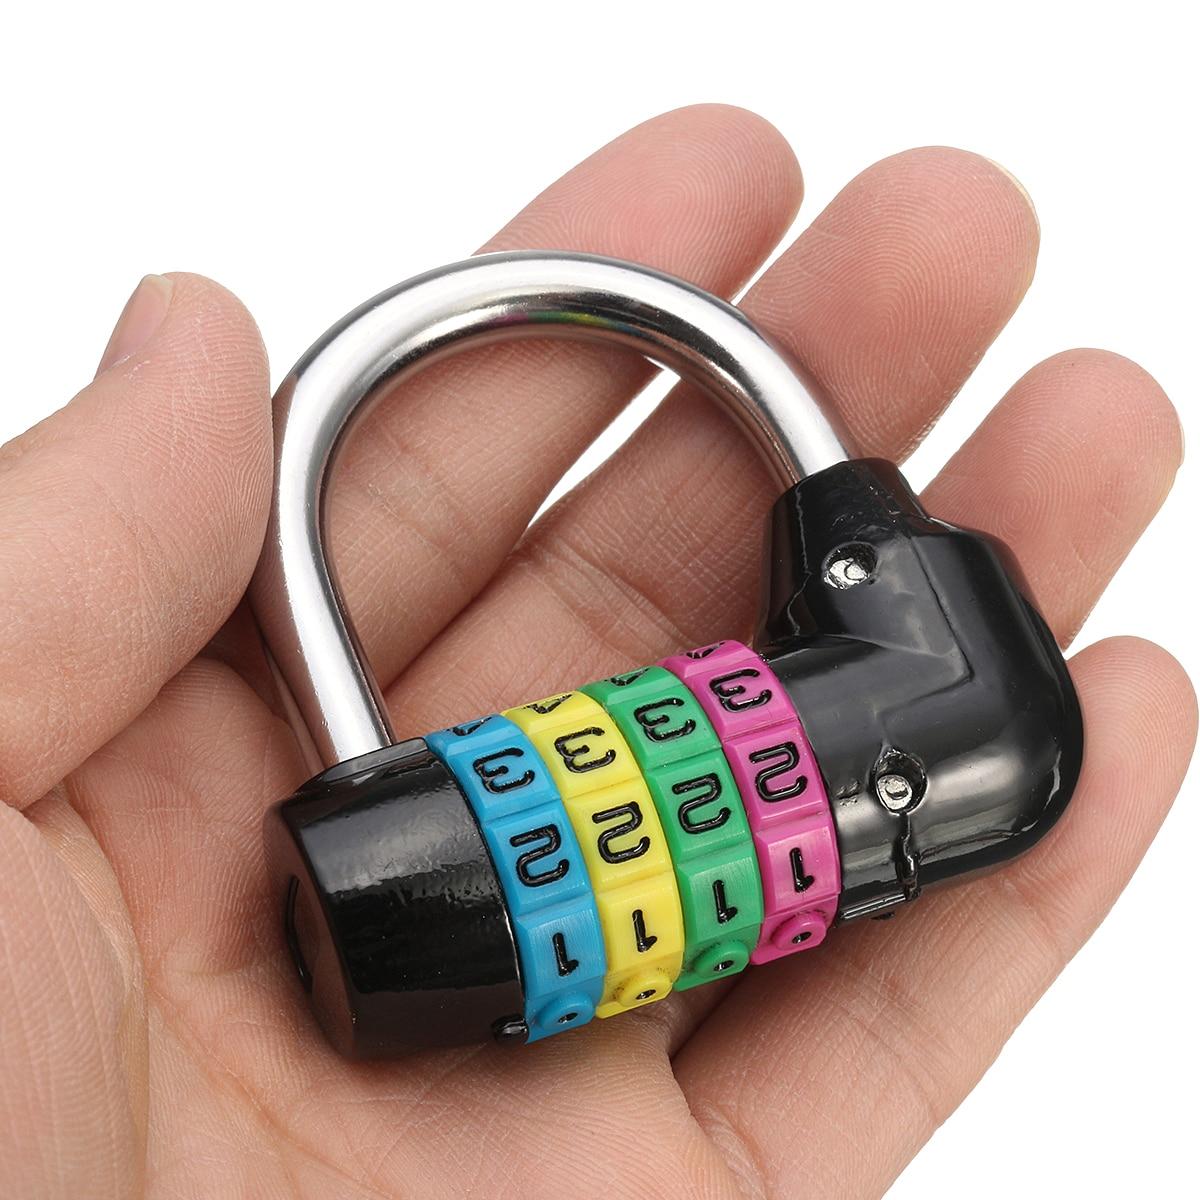 Resettab 4-значный кодовый пароль, комбинированный навесной замок, защитный замок, пароль, замок для тренажерного зала